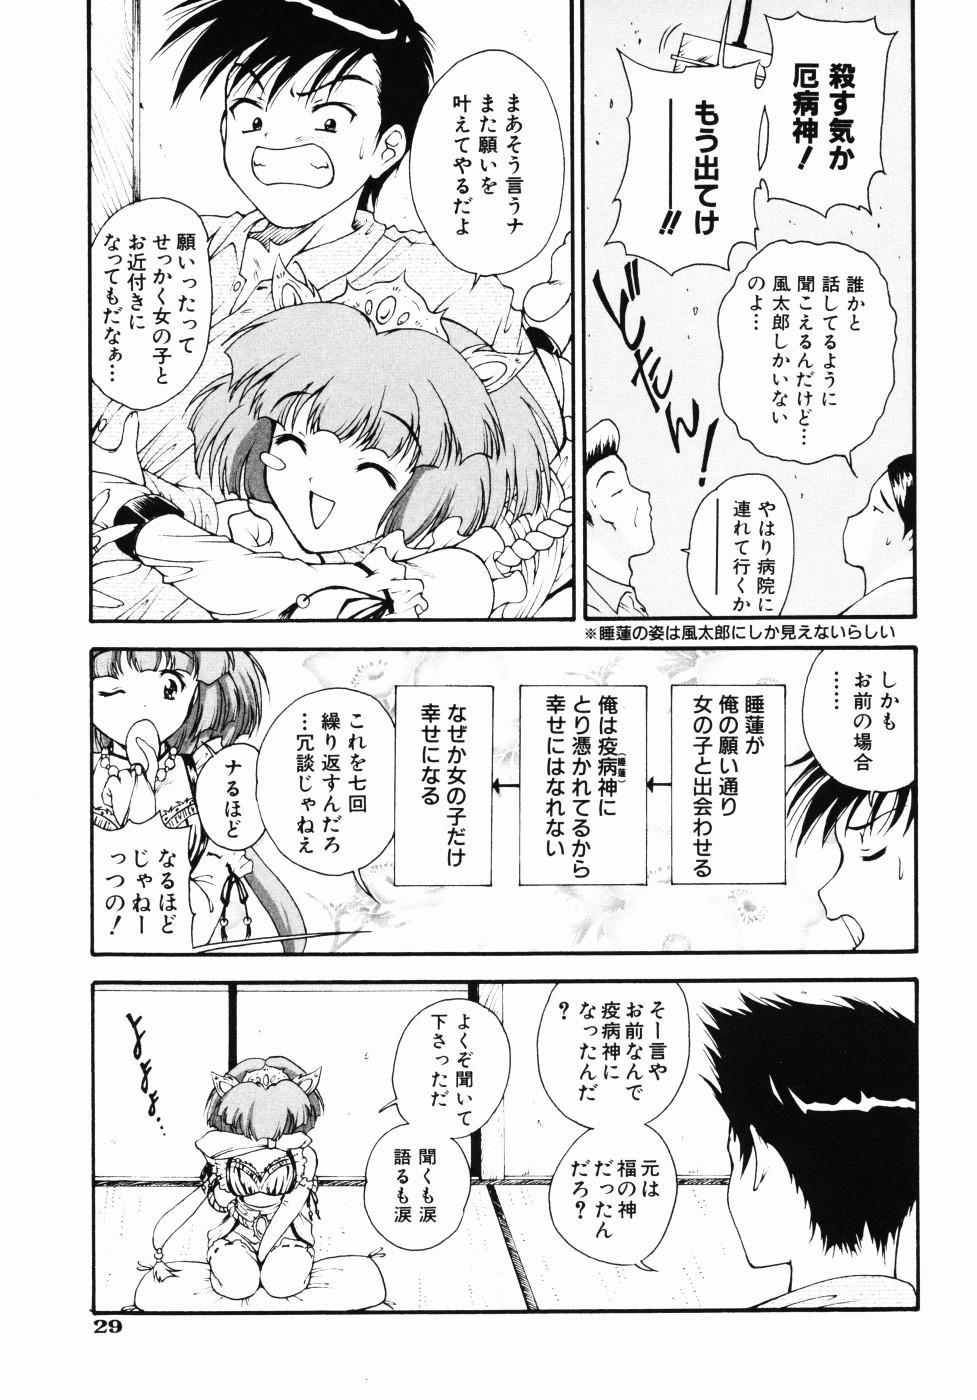 Daikyou Megami 33